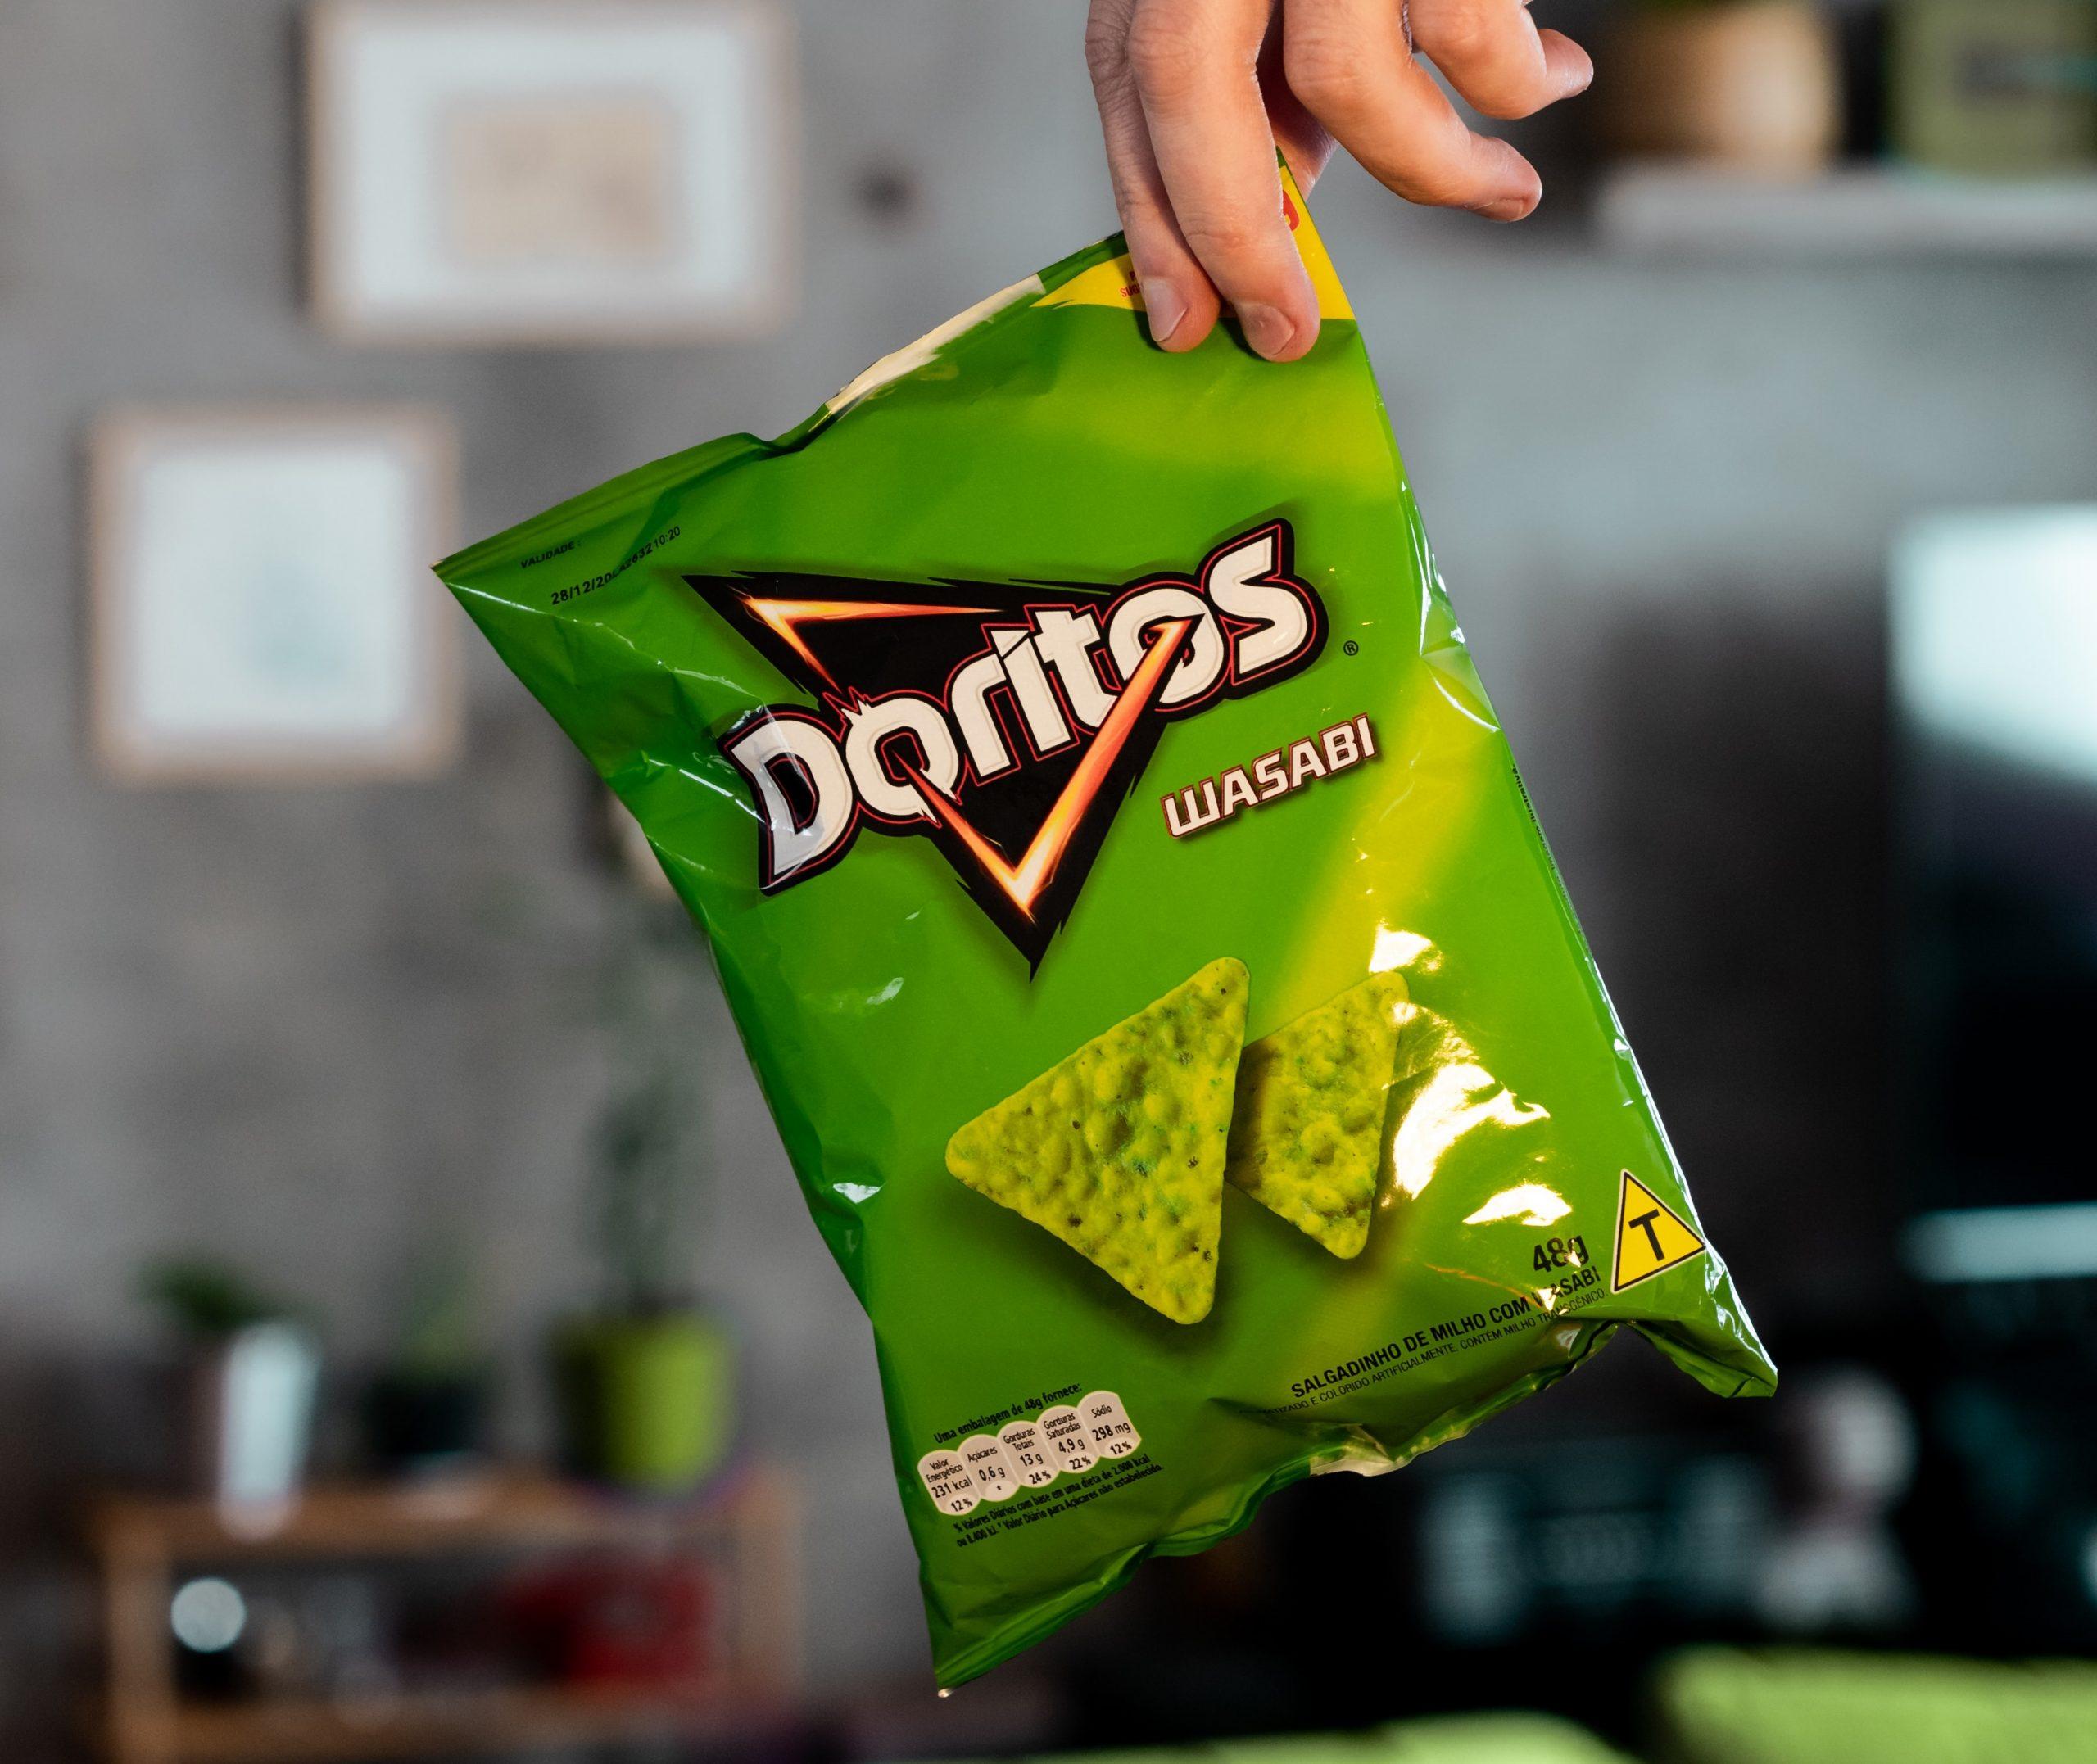 Bag of doritos